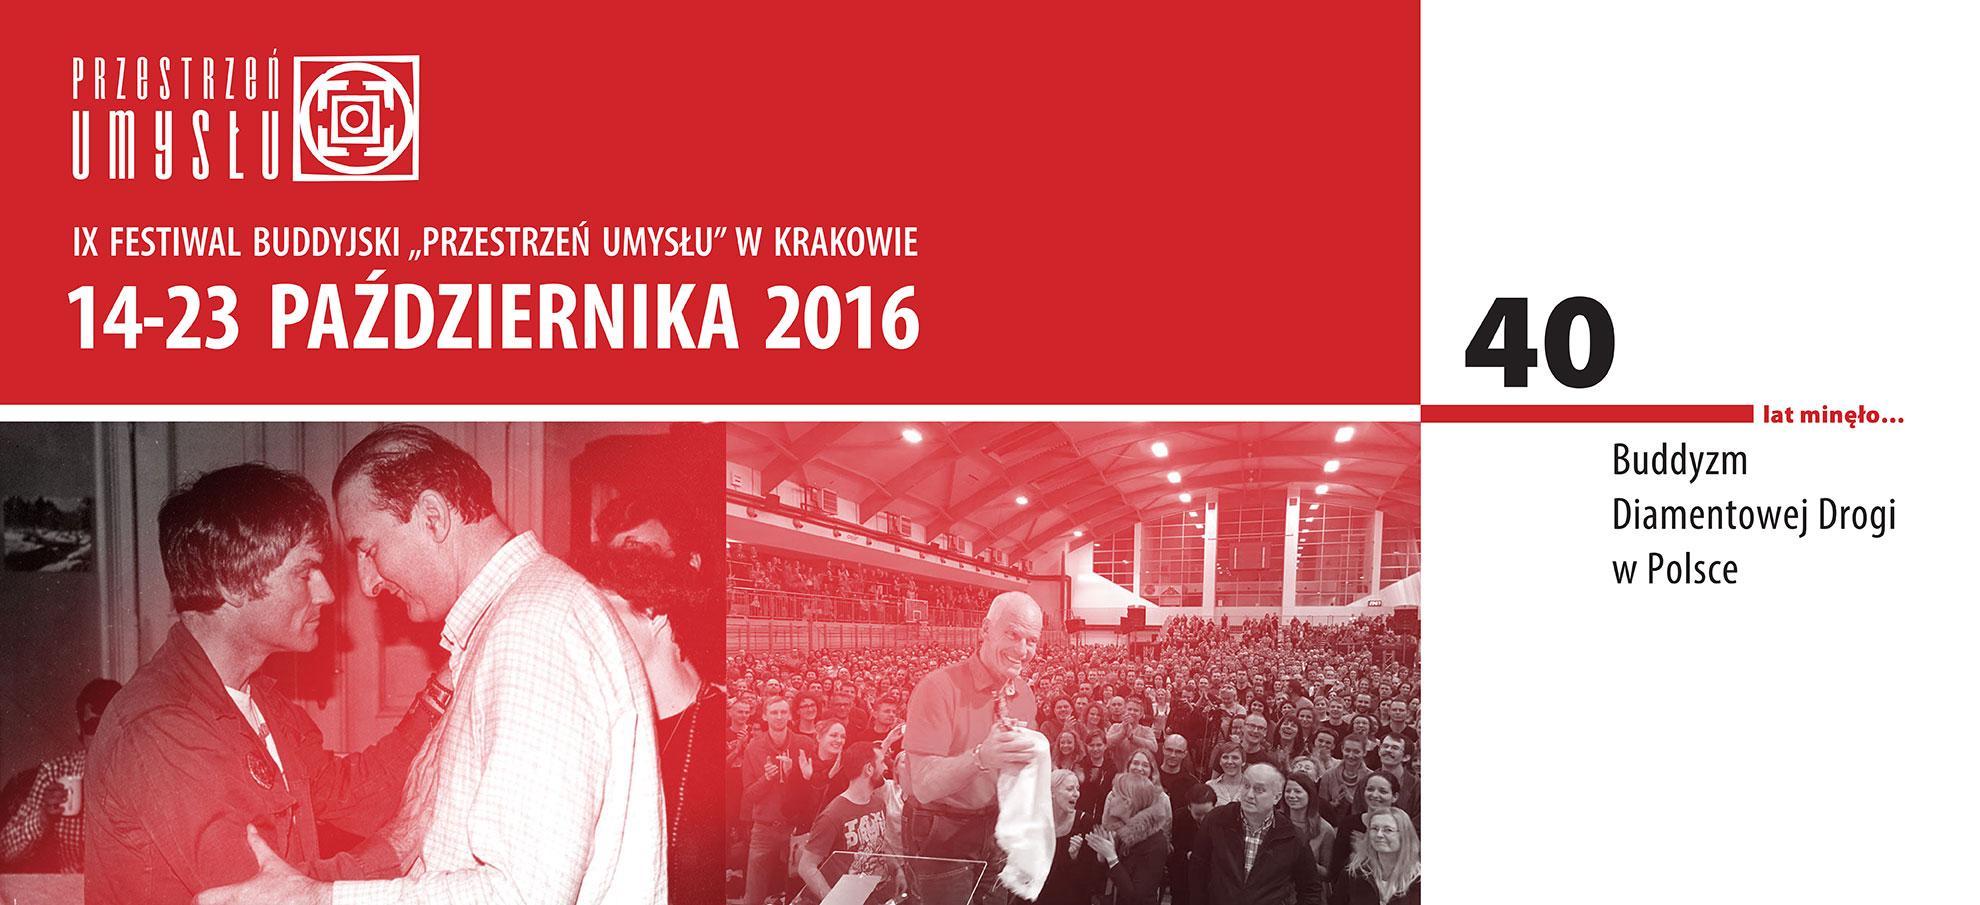 """IX Festiwal Buddyjski """"Przestrzeń Umysłu"""" w Krakowie 14-23 października 2016 40 lat minęło… Buddyzm Diamentowej Drogi w Polsce"""